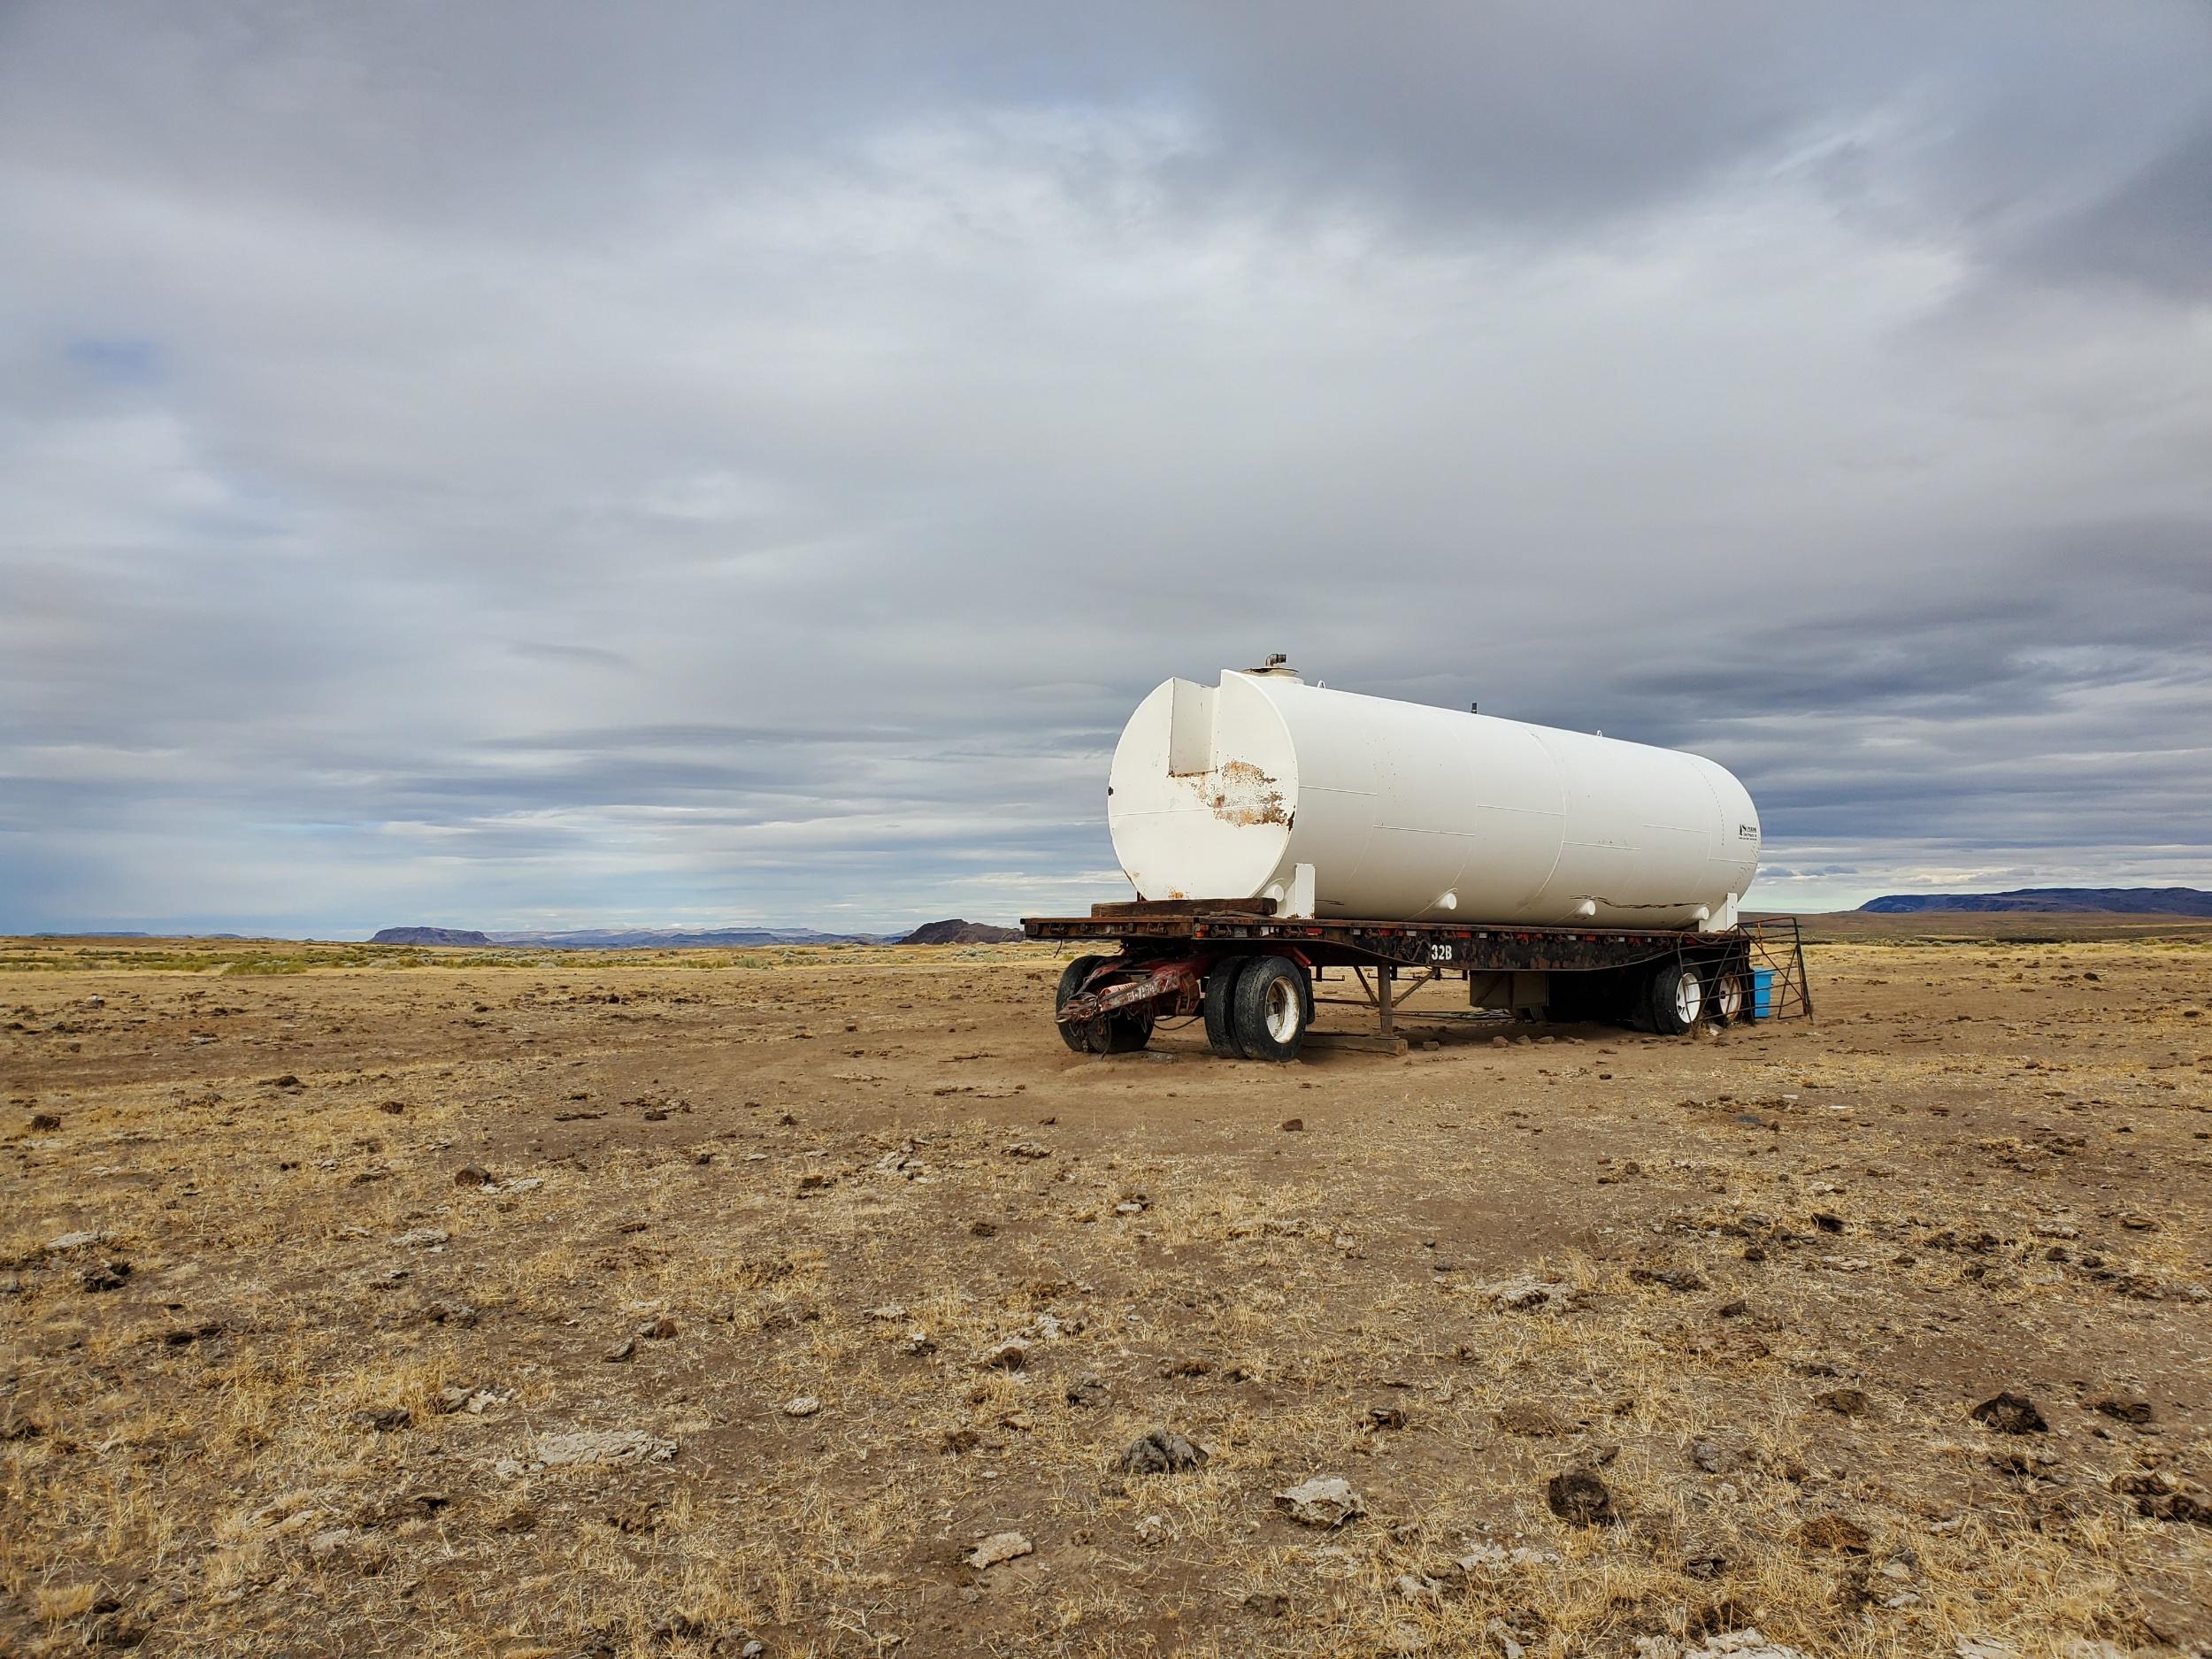 A random water truck in the desert, unfortunately it was dry as a bone.